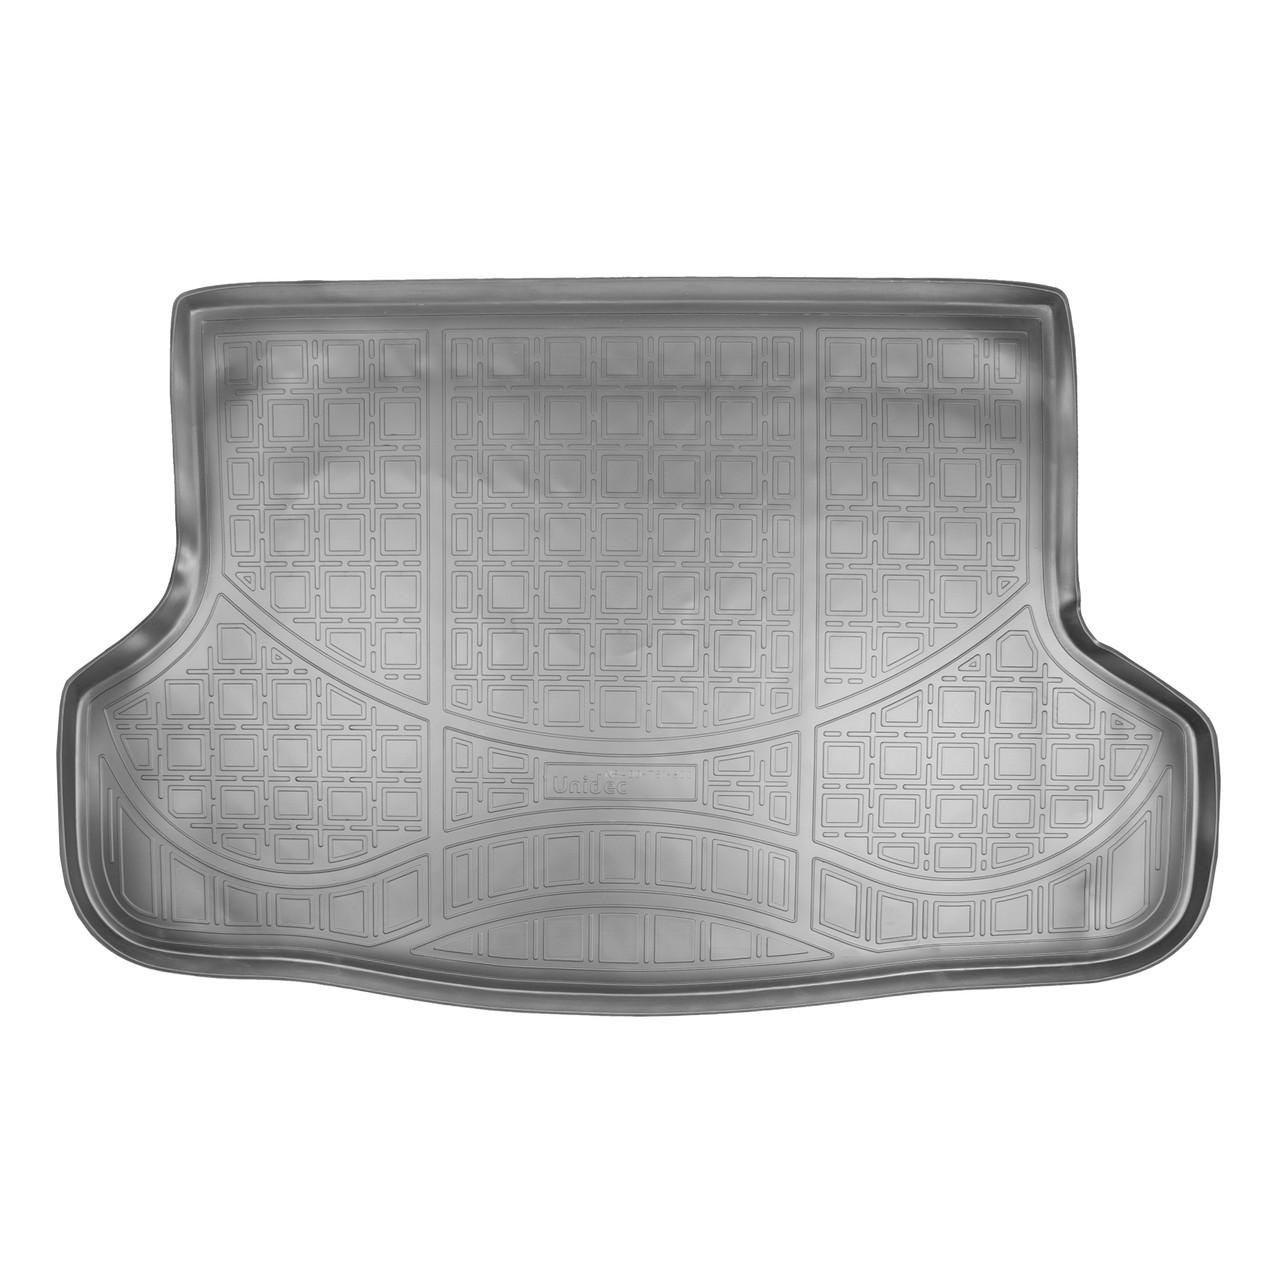 Коврик в багажник Lifan X60 (2011)